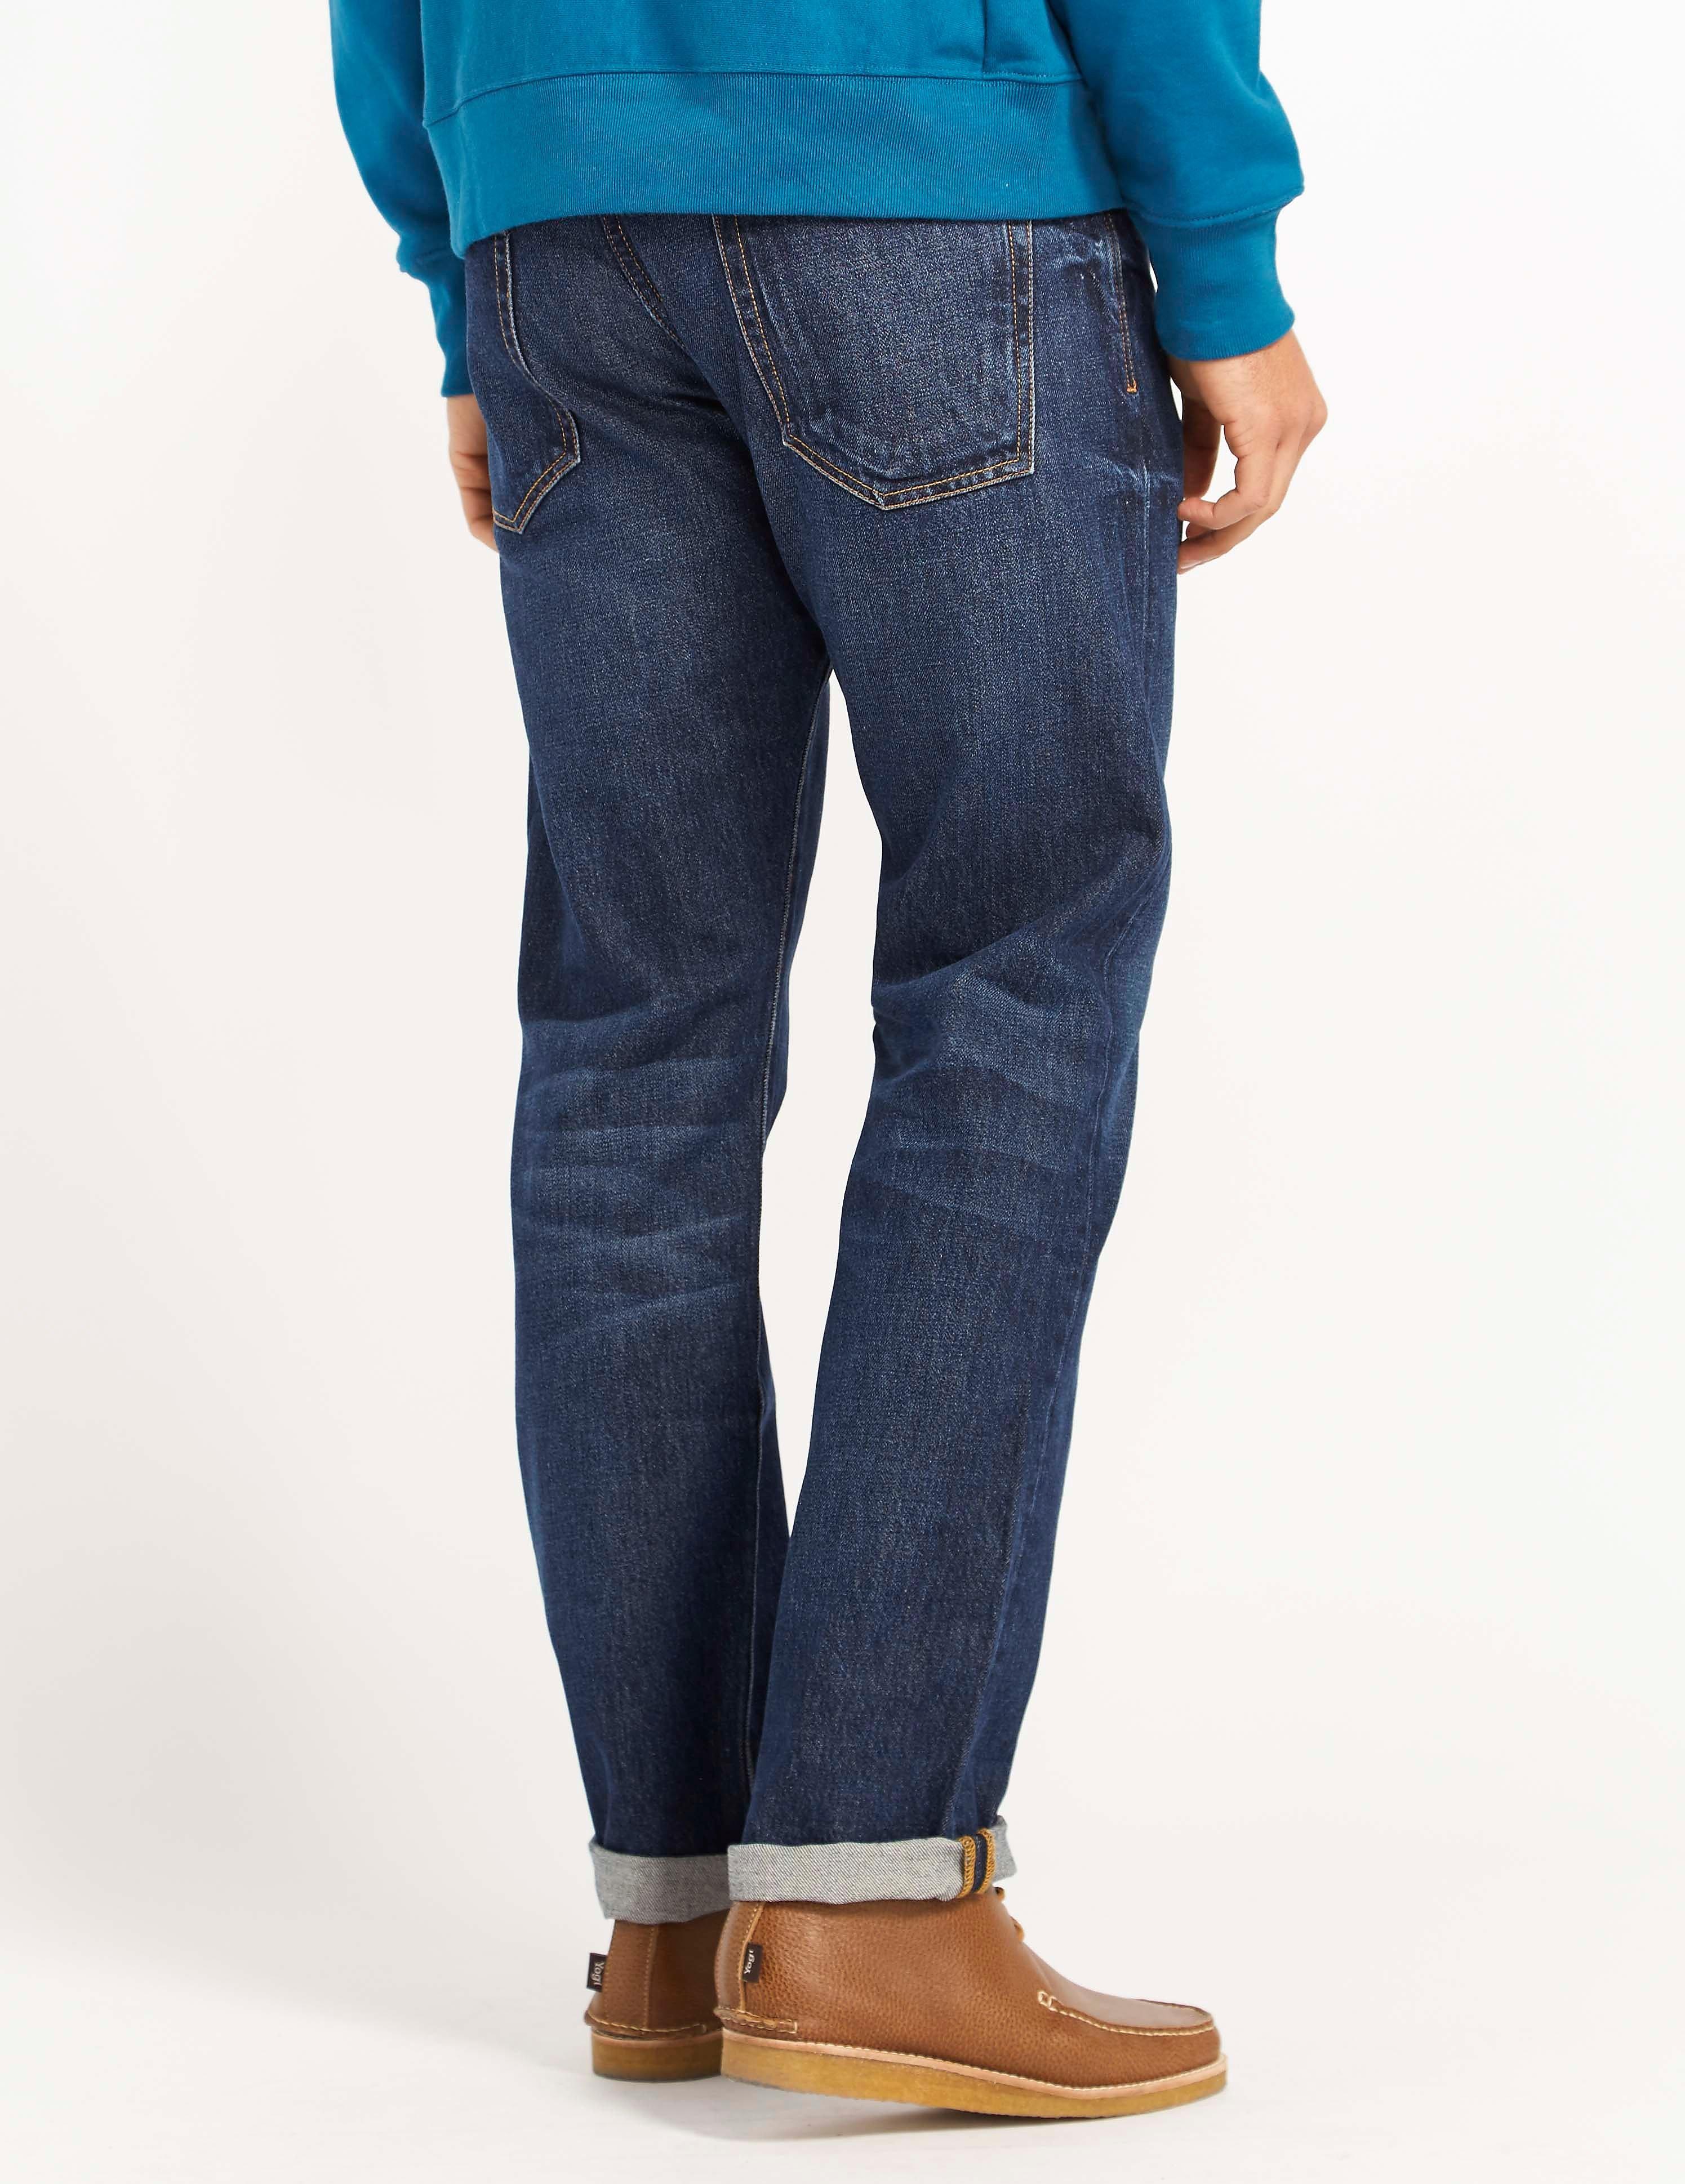 Paul Smith Original Jean